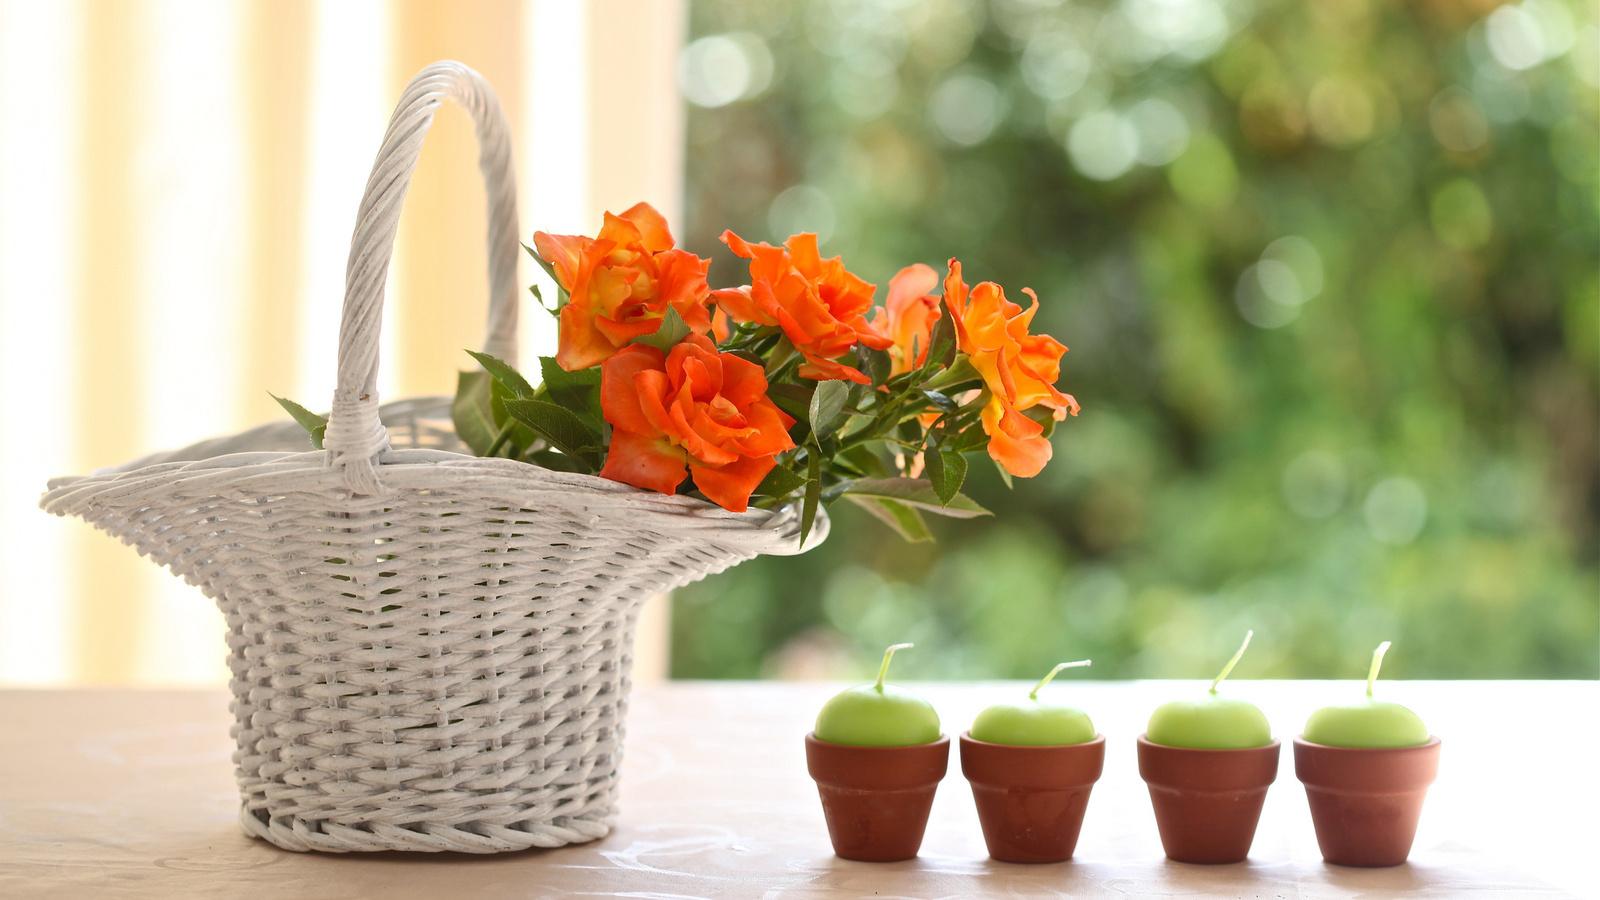 20933 скачать обои Растения, Цветы, Букеты, Свечи - заставки и картинки бесплатно